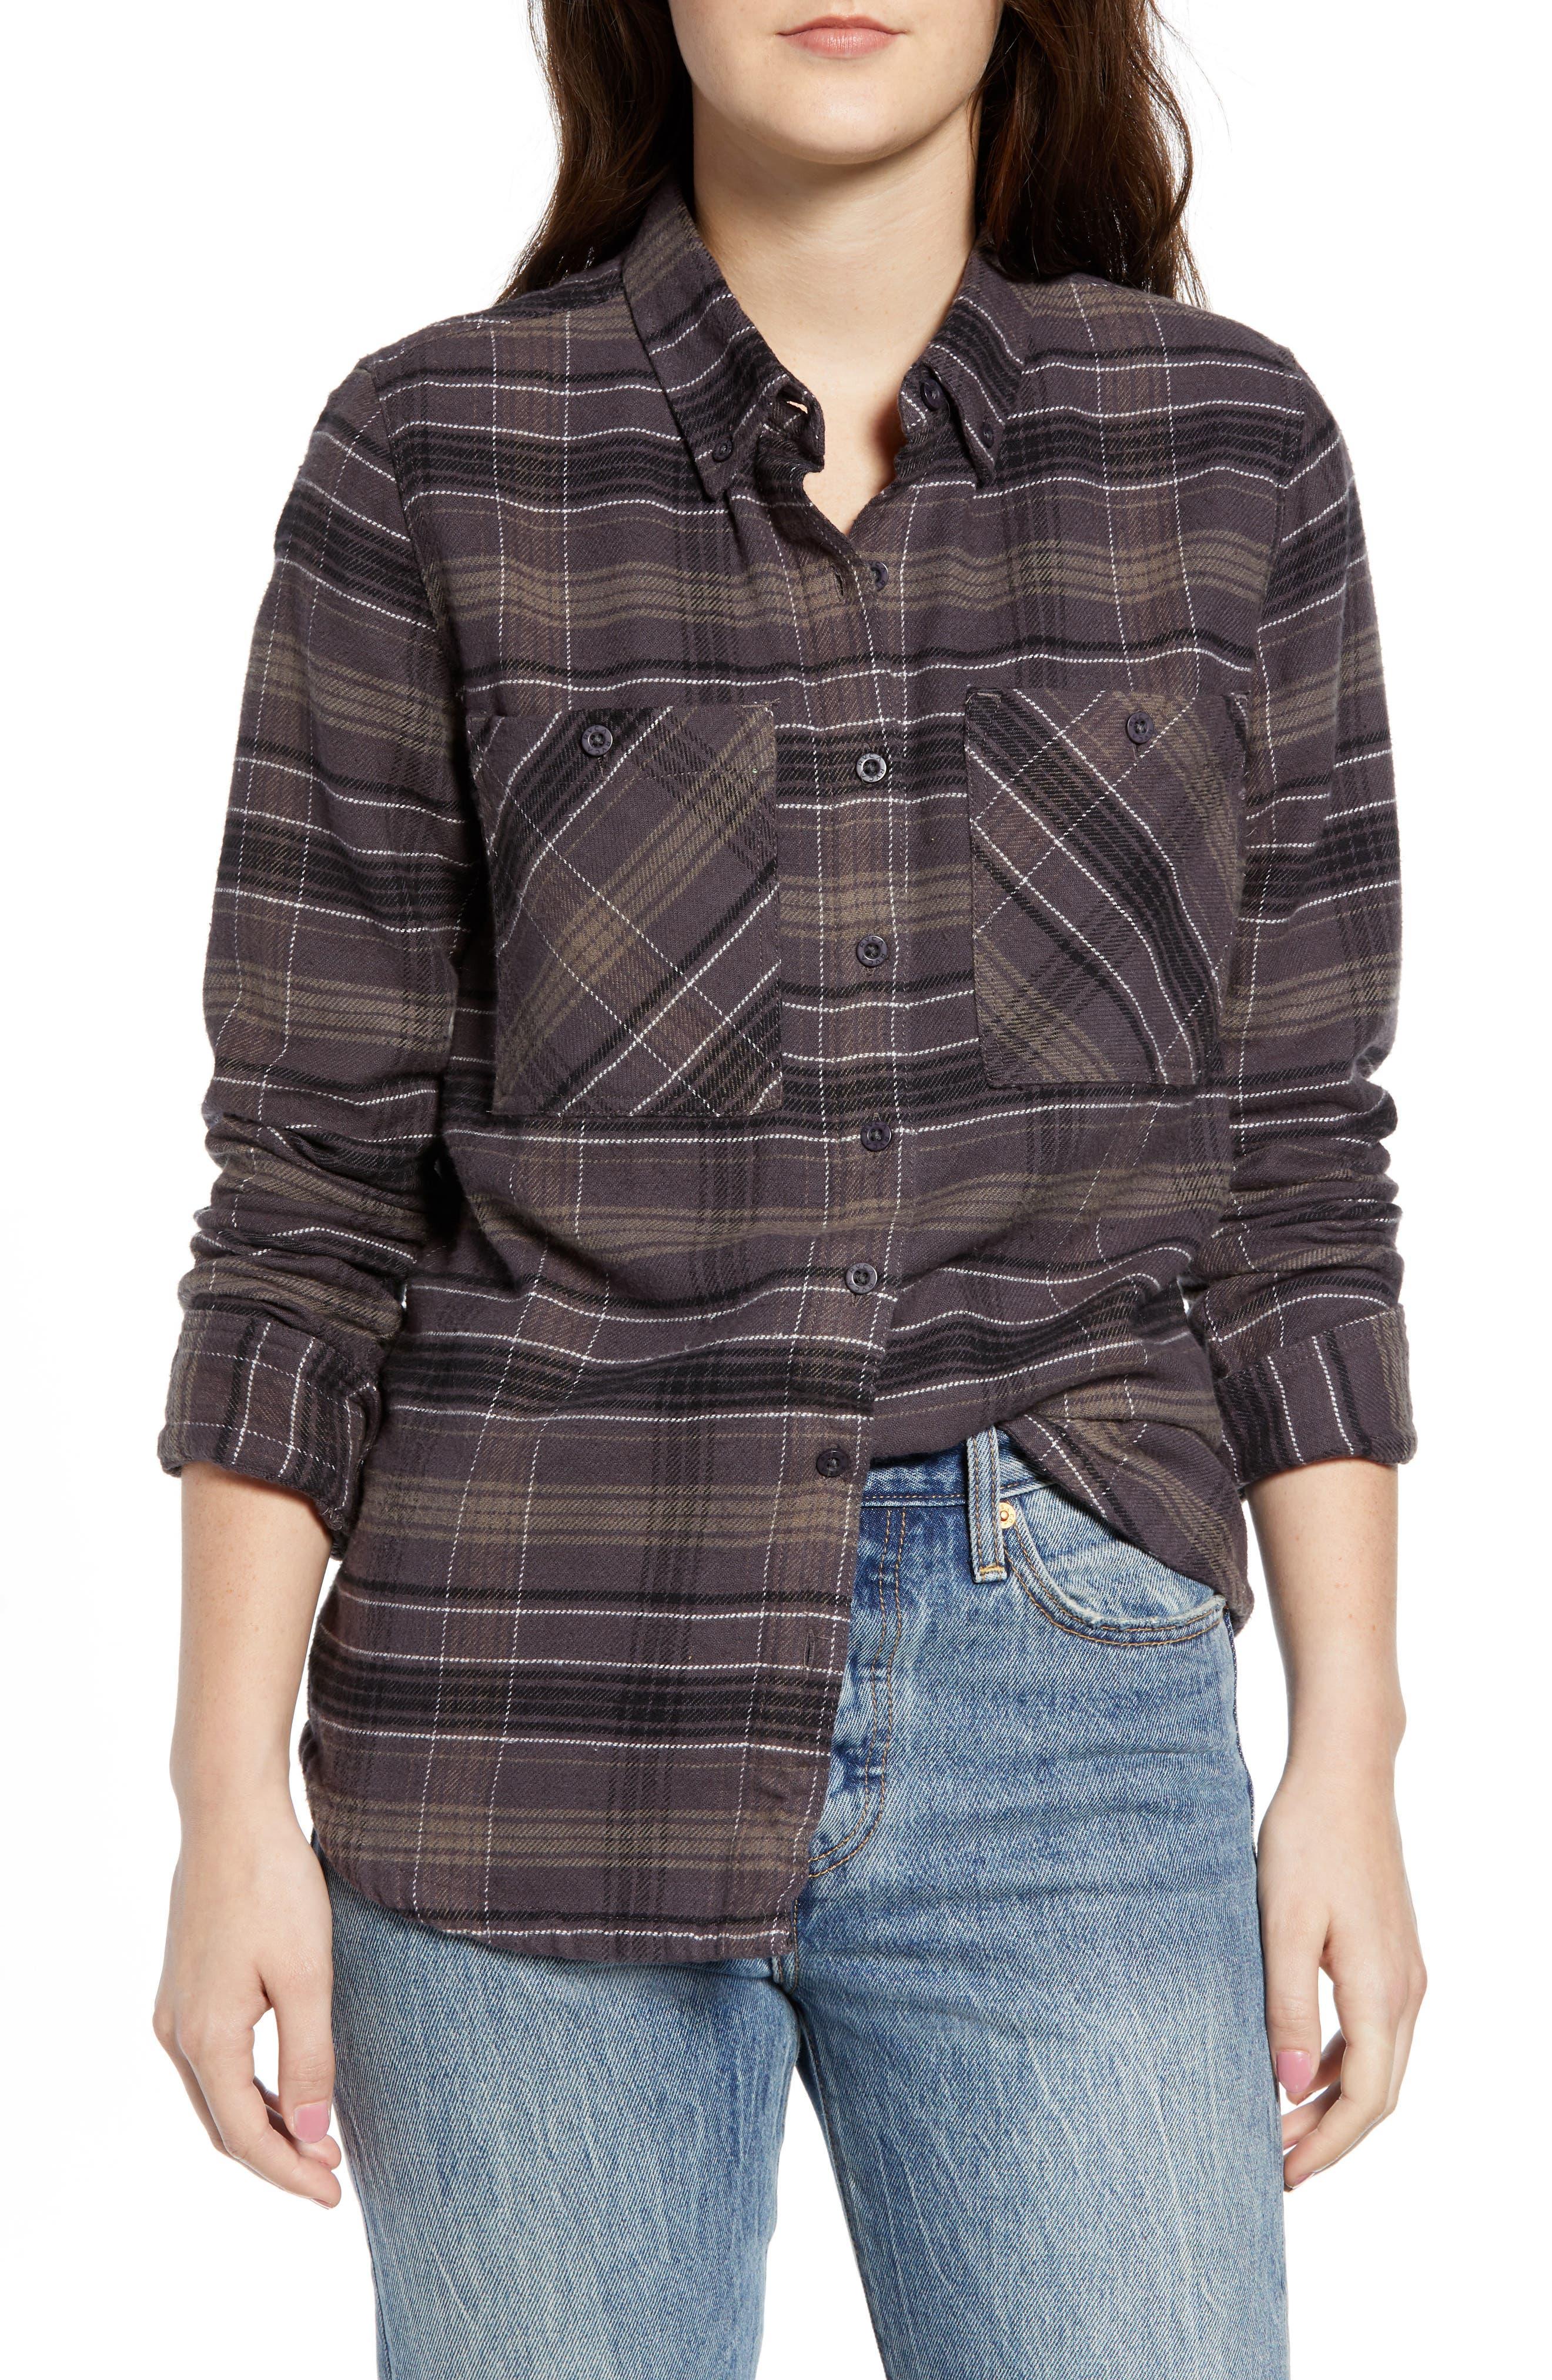 Rvca Roam Plaid Flannel Shirt, Black